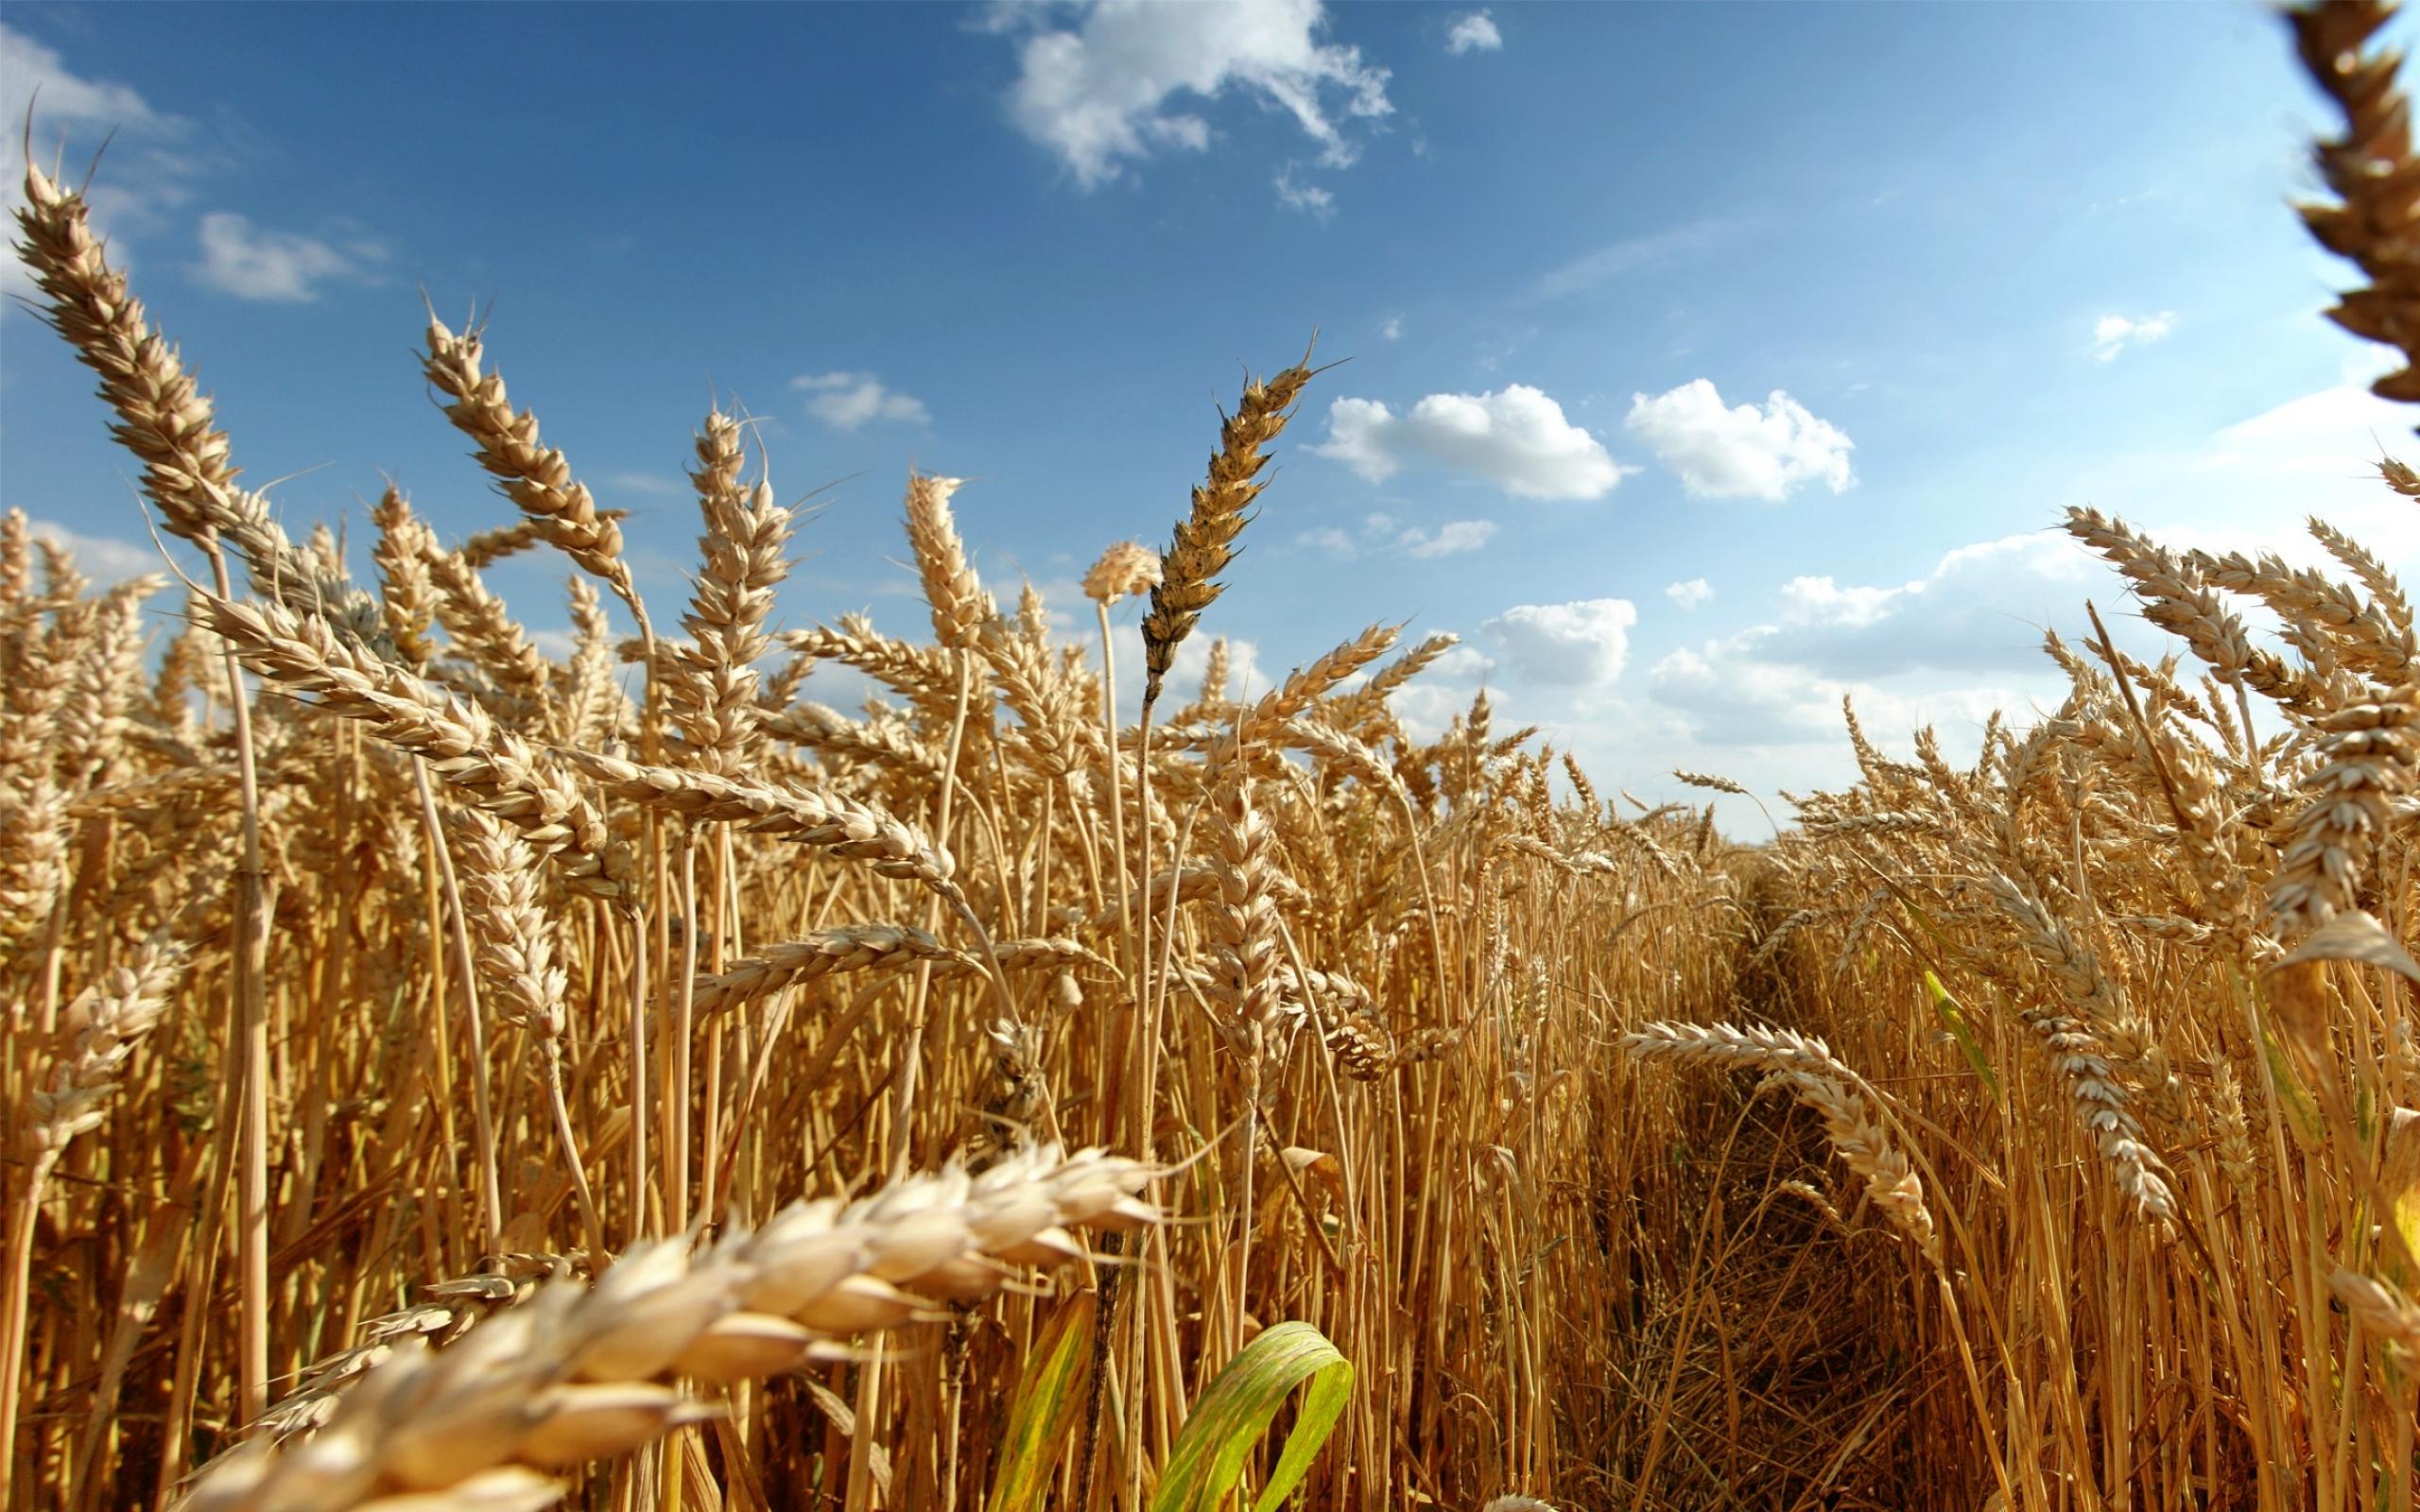 wheat_fields_crops_Wallpaper_2560x1600_www.wallpaperswa.com